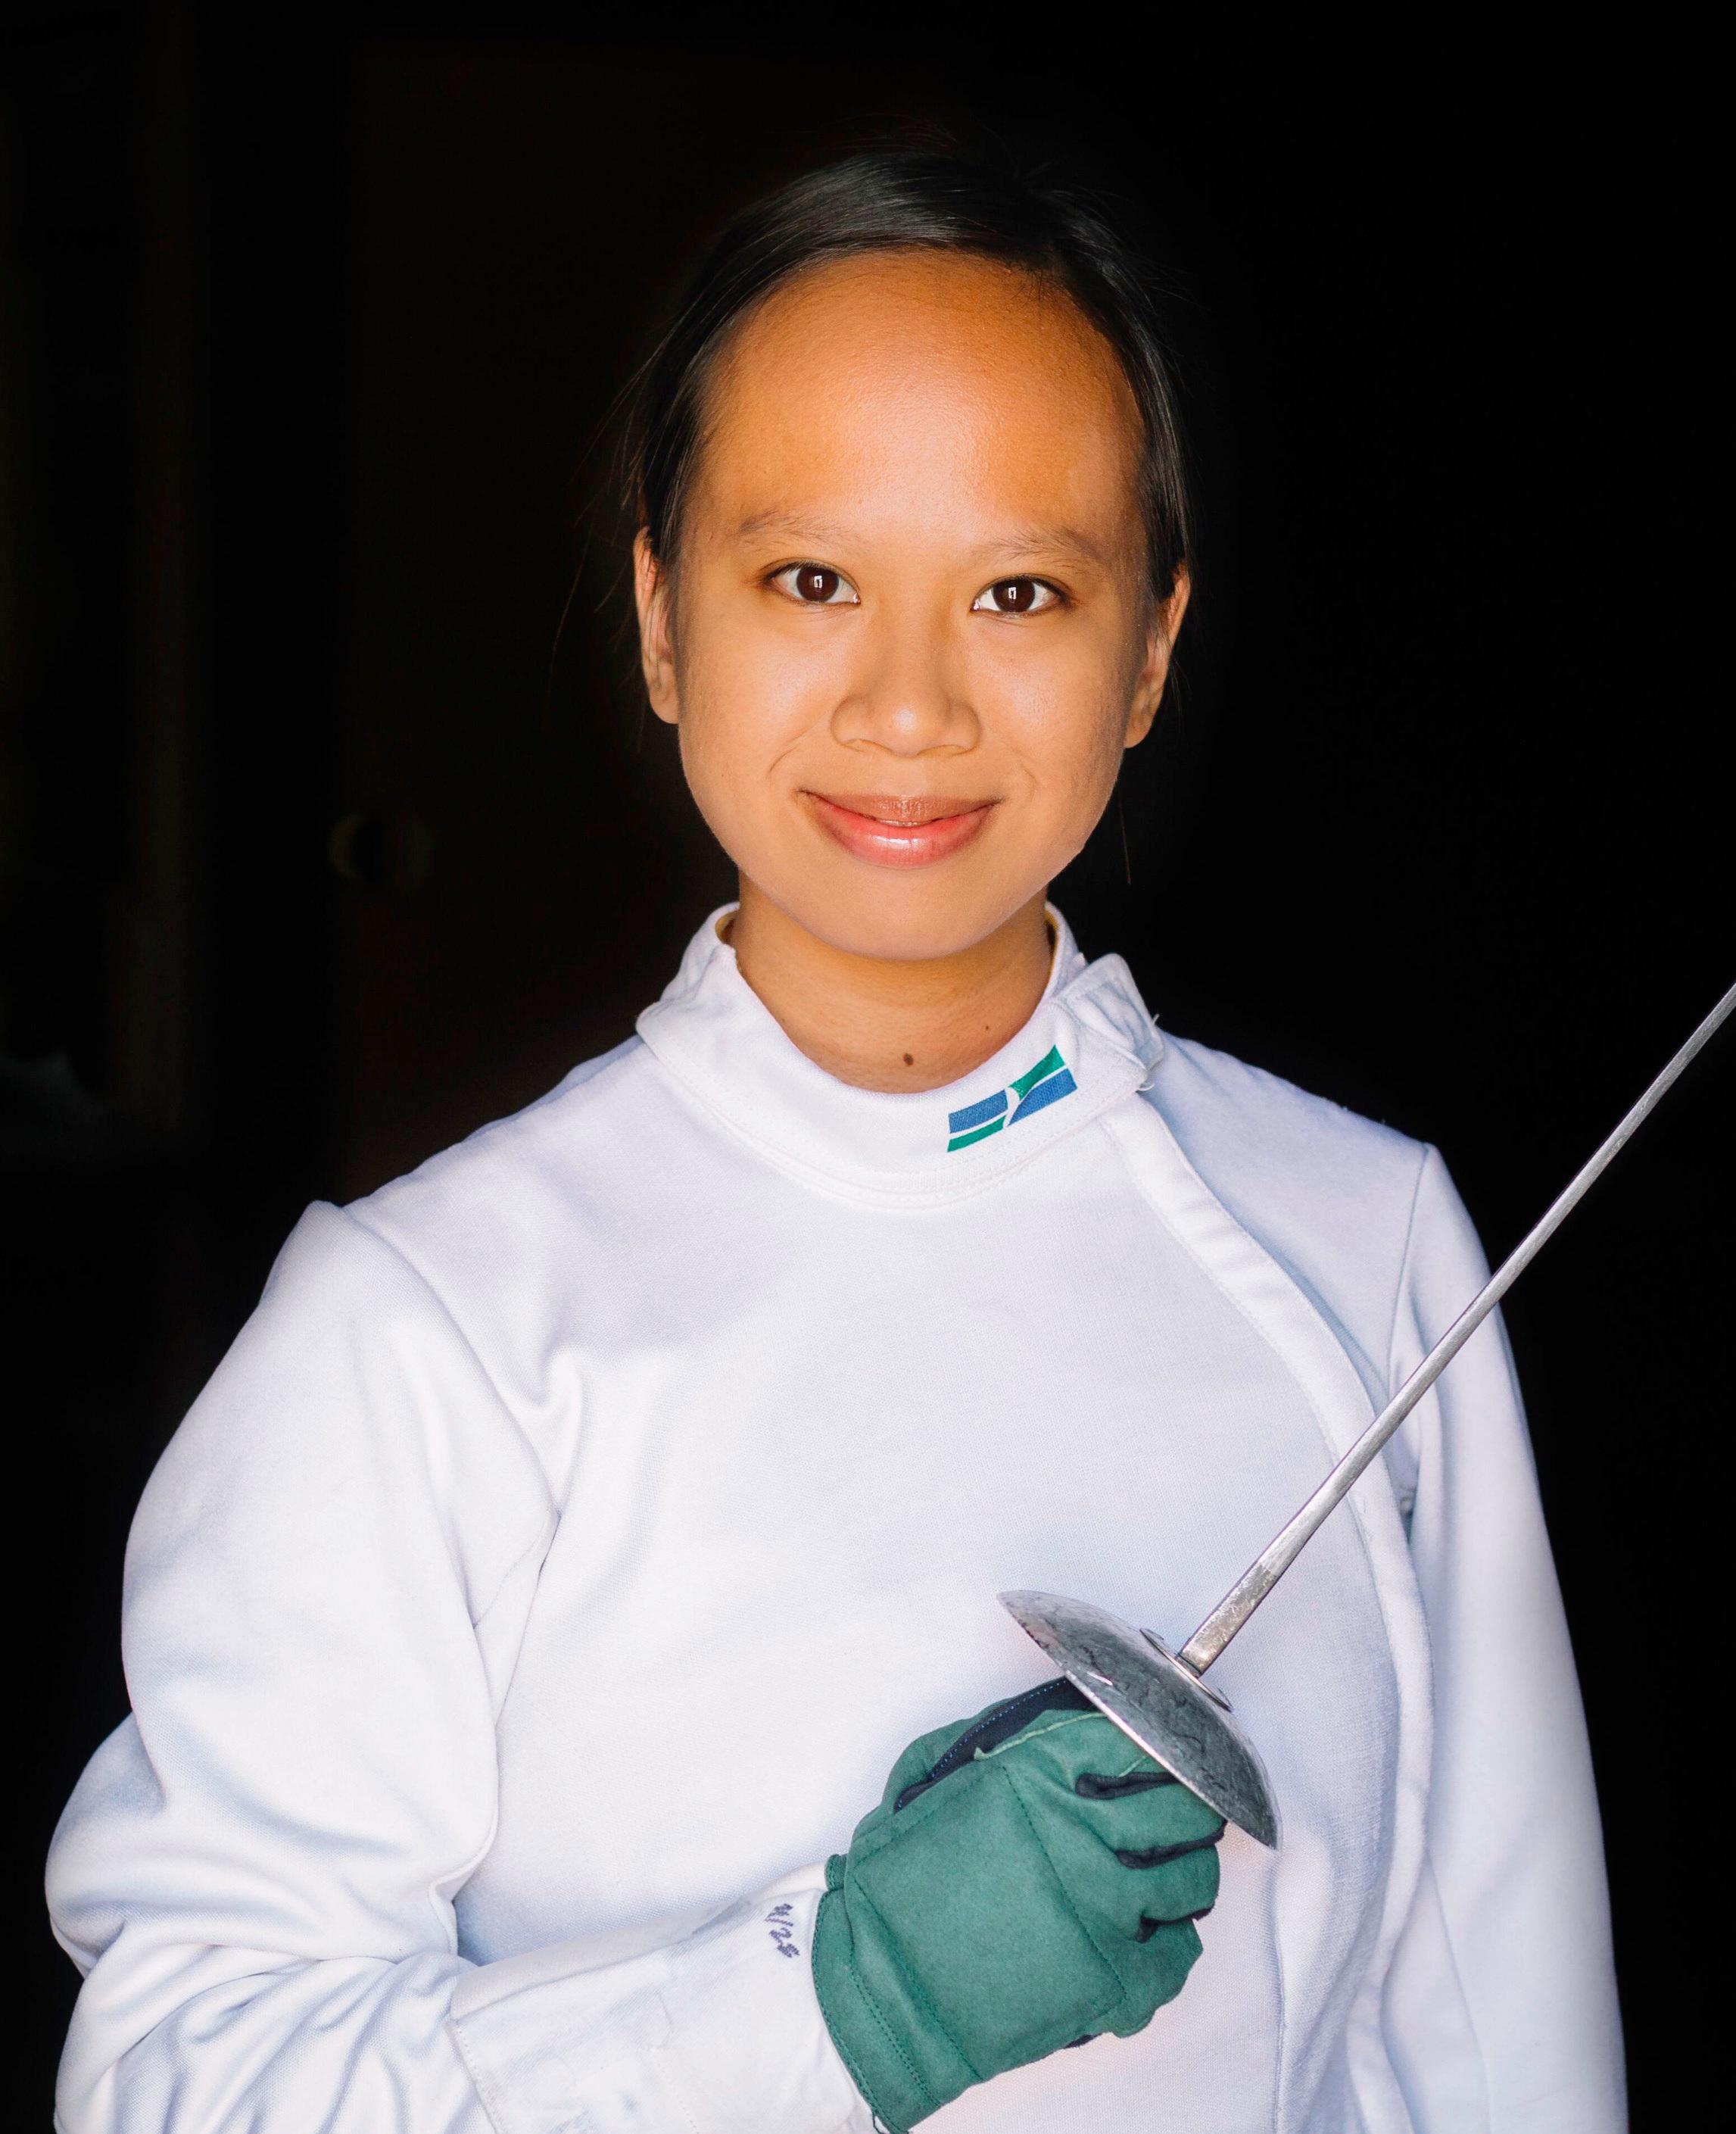 Swordplay LA fencing coach, Laelia Nguyen